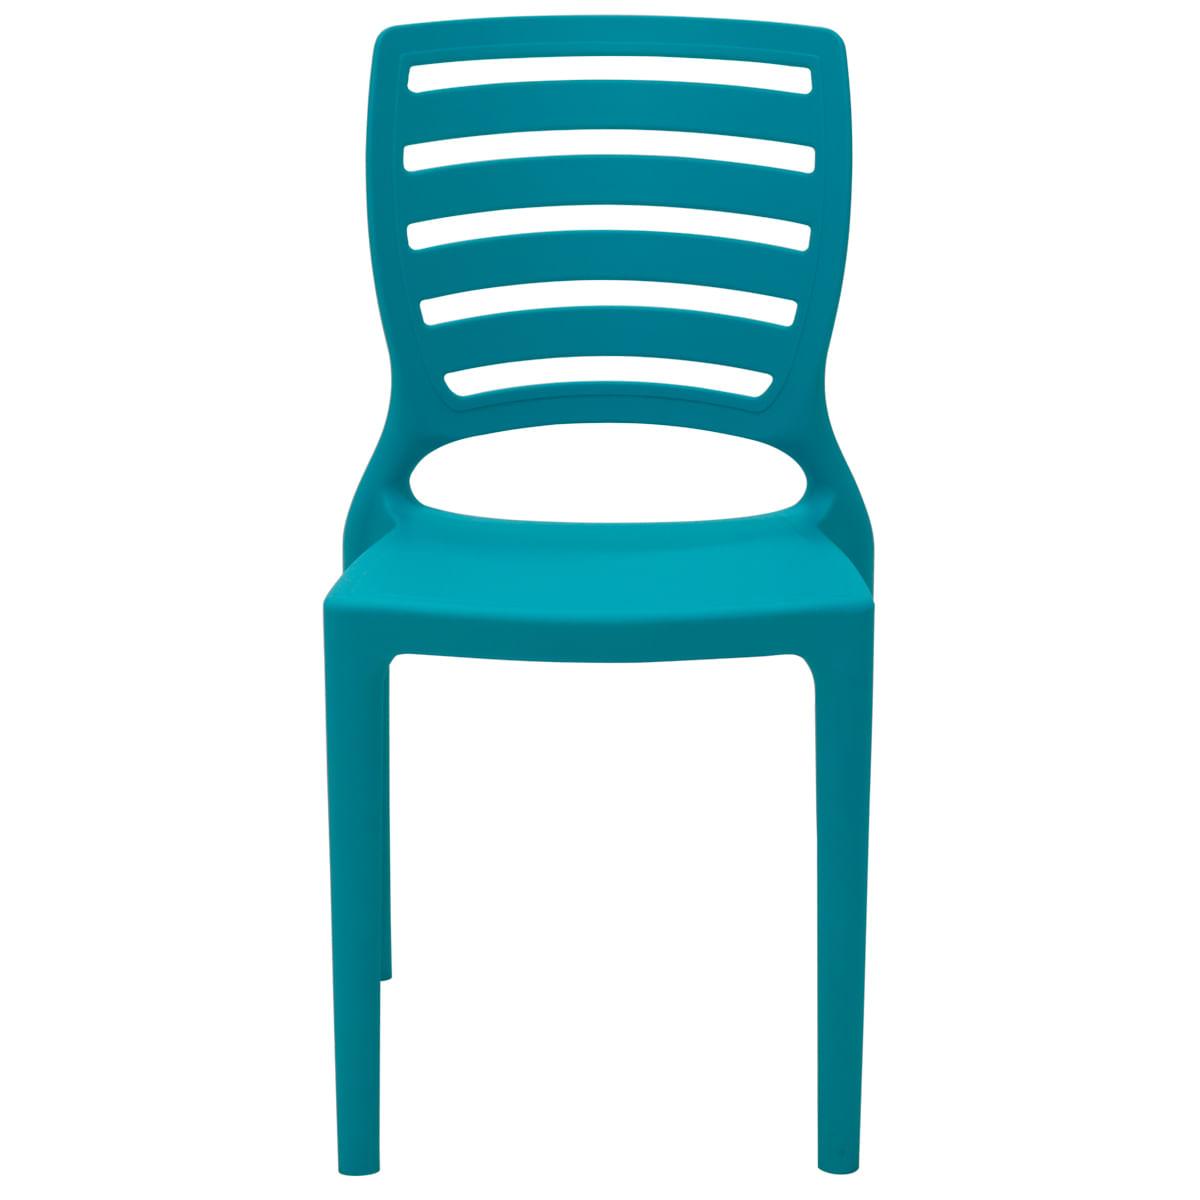 Cadeira Infantil Tramontina Sofia Azul em Polipropileno e Fibra de Vidro